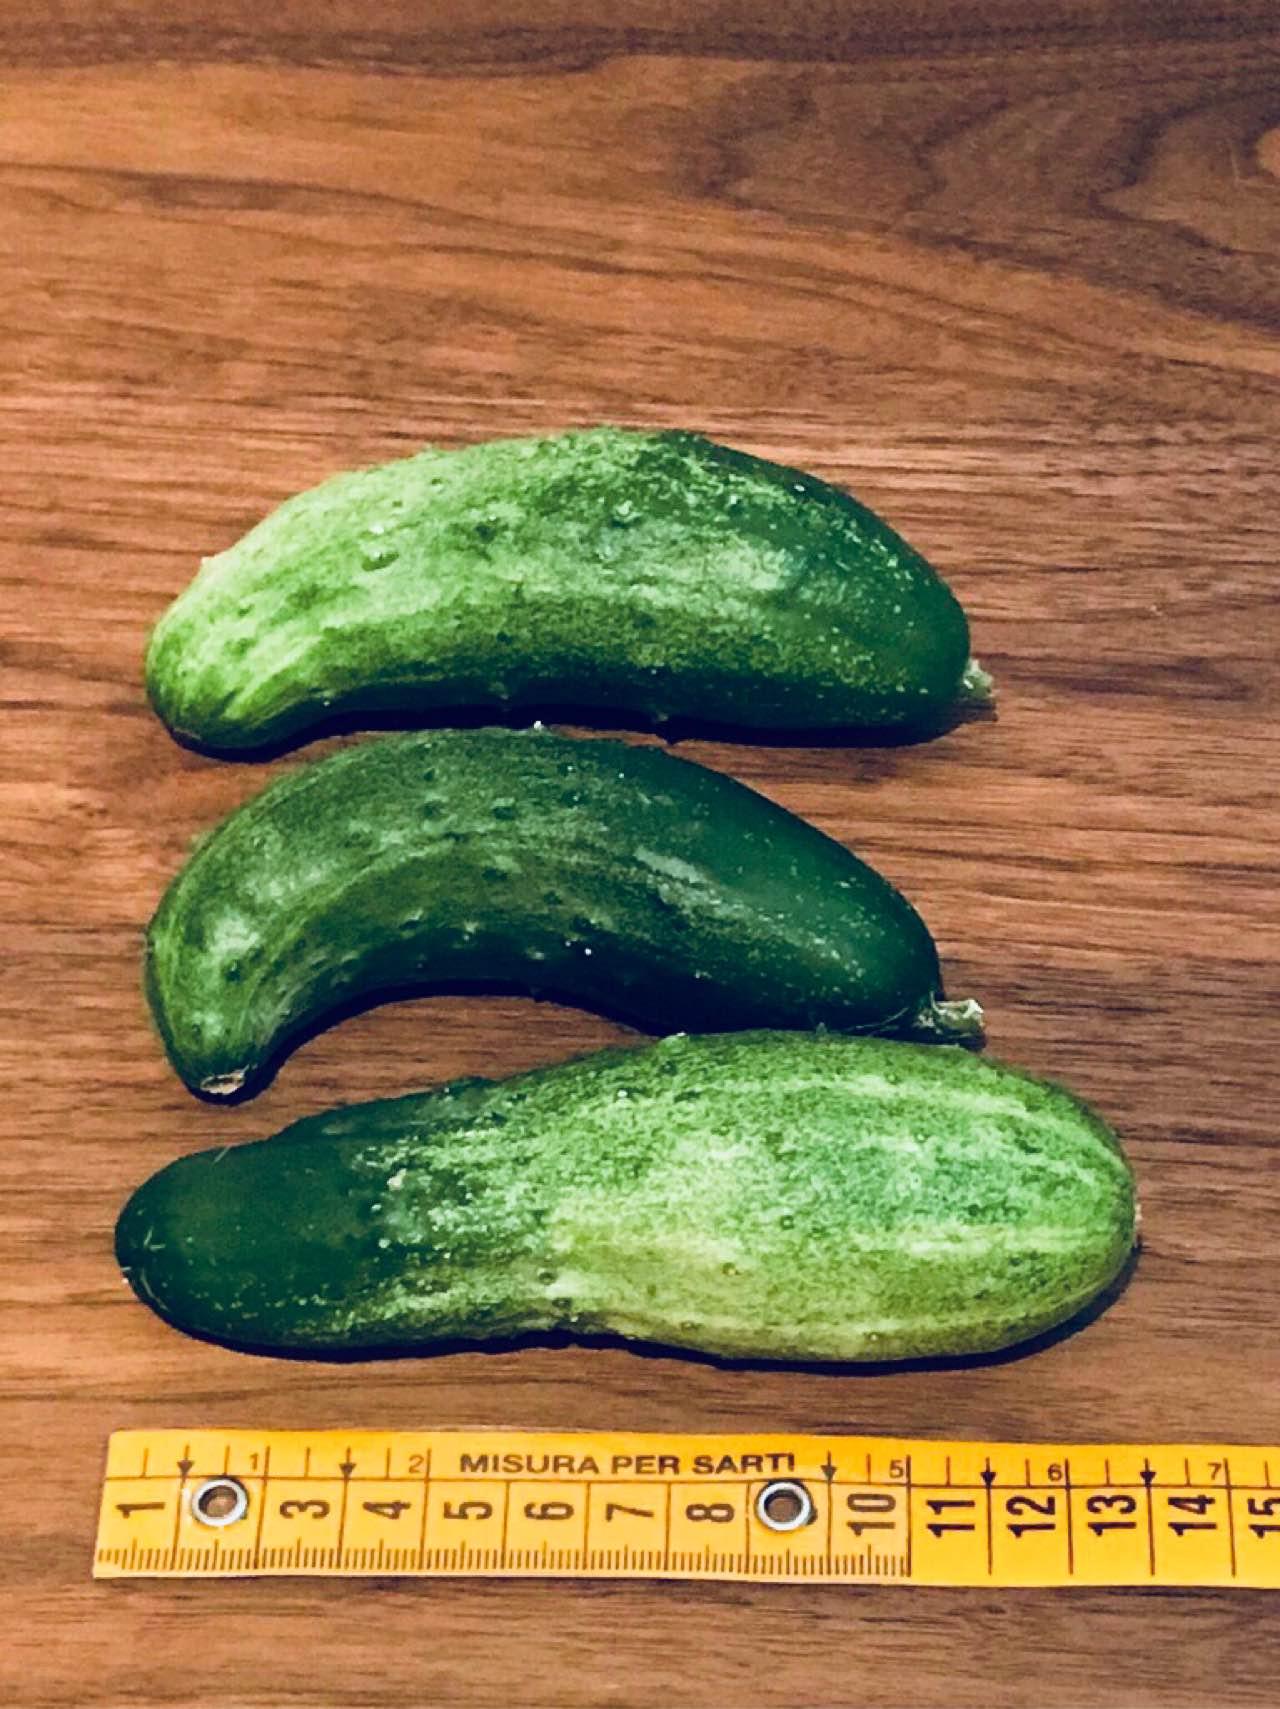 きょう収穫したミニきゅうり。大きさは10〜13cm程度。 https://t.co/ucVYaOsVM8